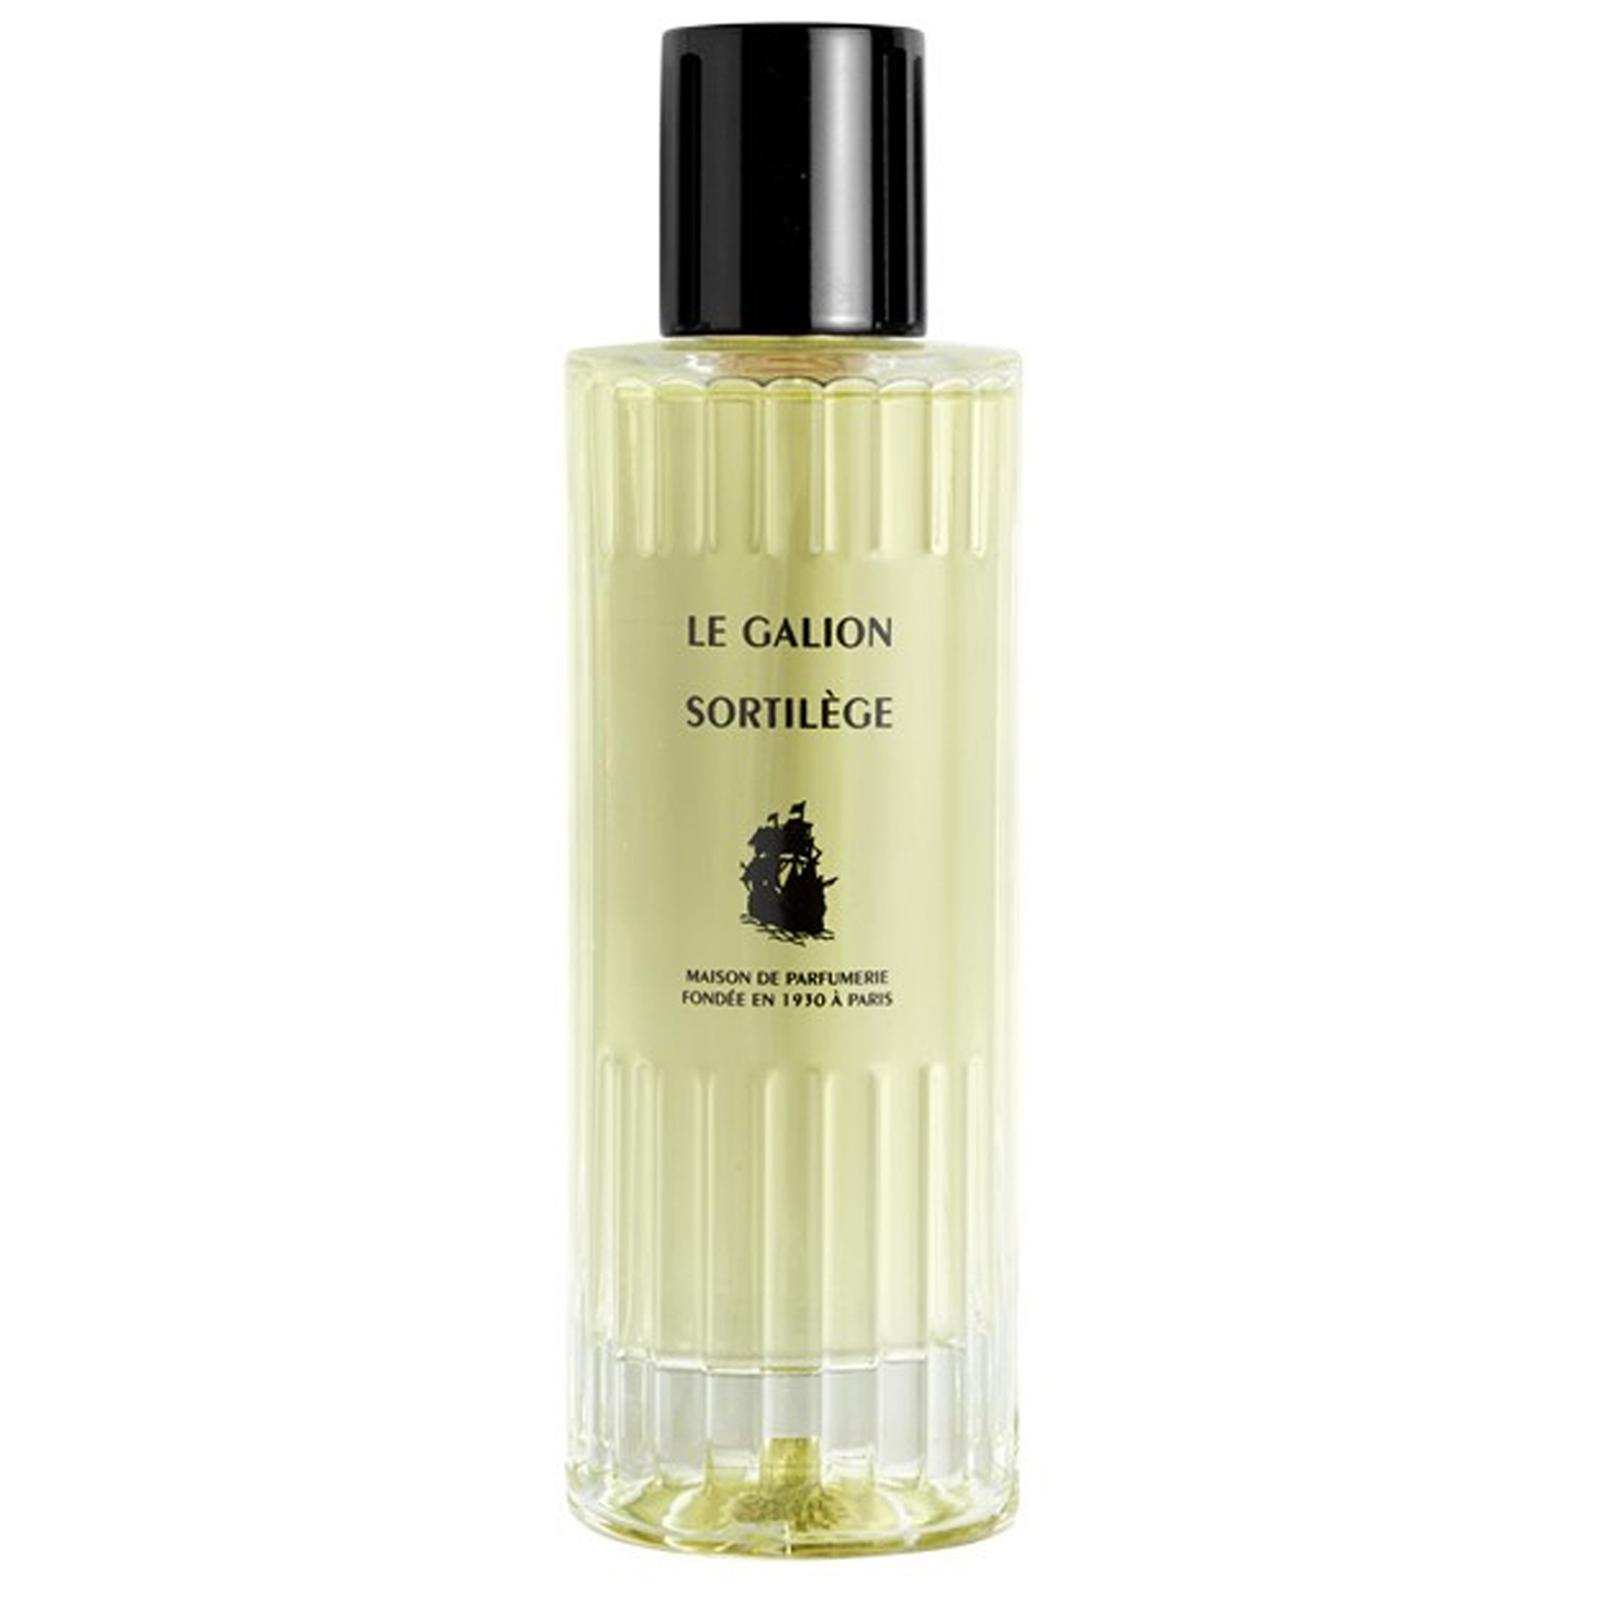 Sortilége profumo eau de parfum 100 ml